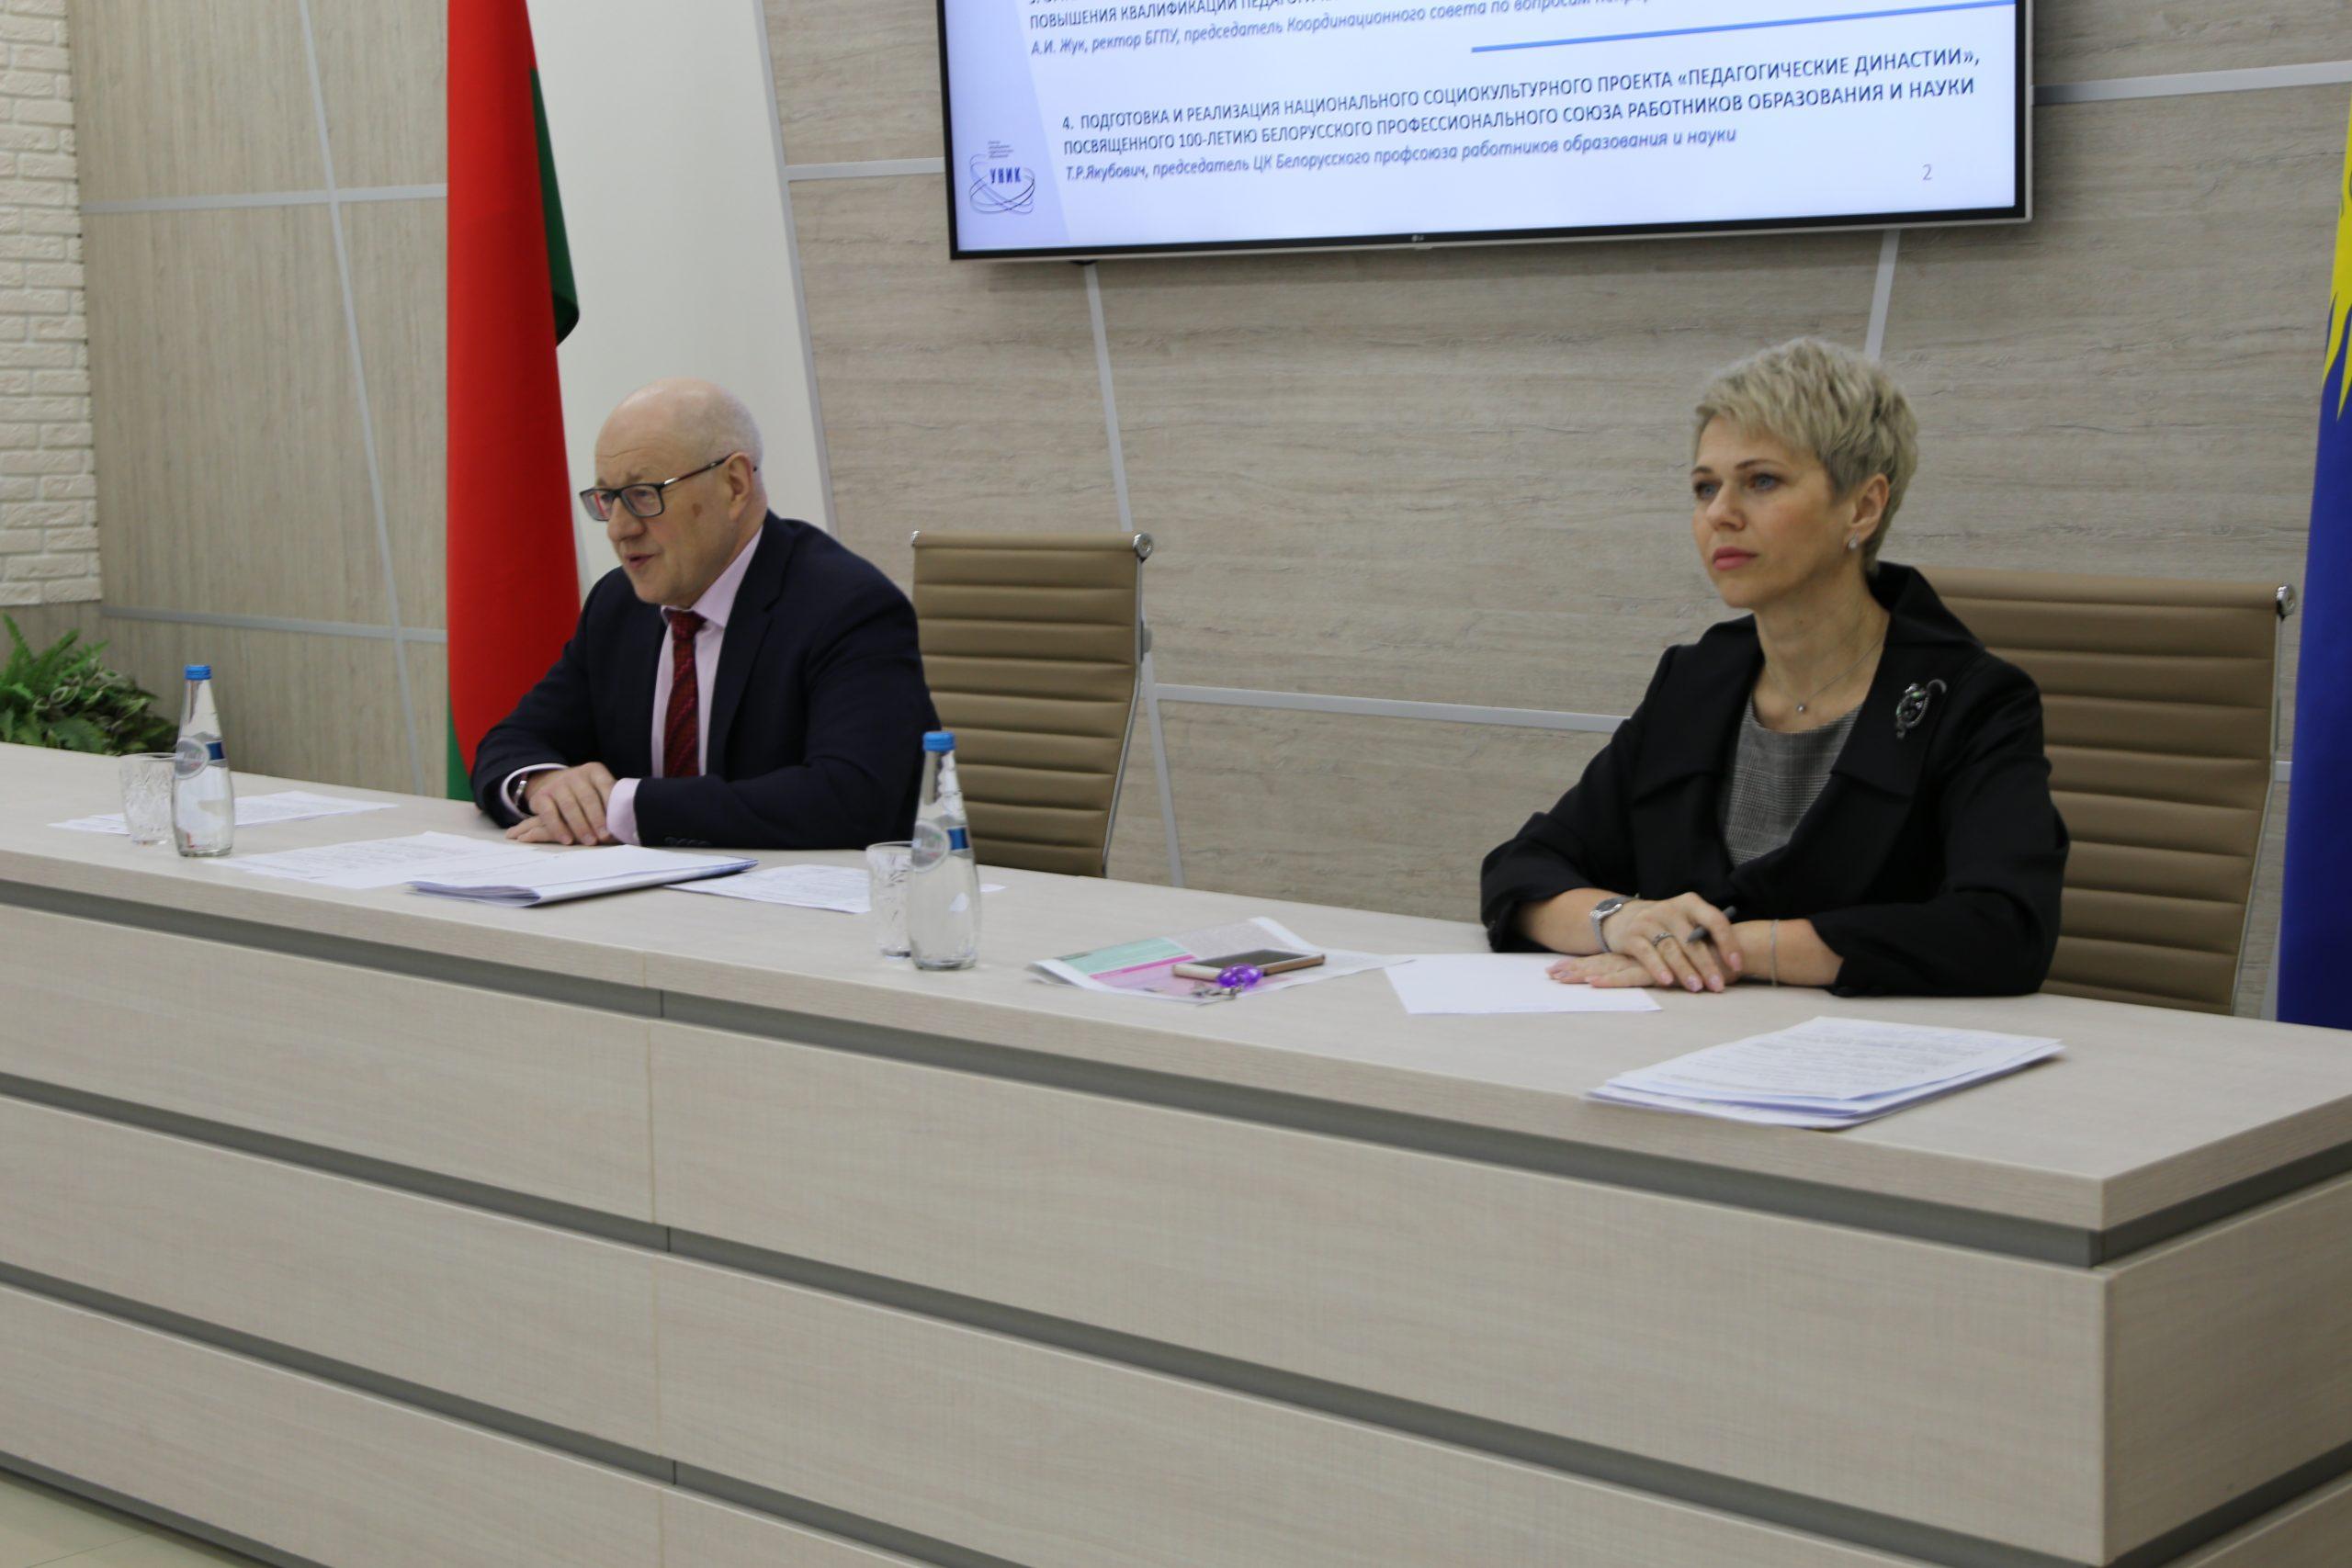 13 мая 2021 года состоялось очередное заседание Координационного совета по вопросам непрерывного педагогического образования